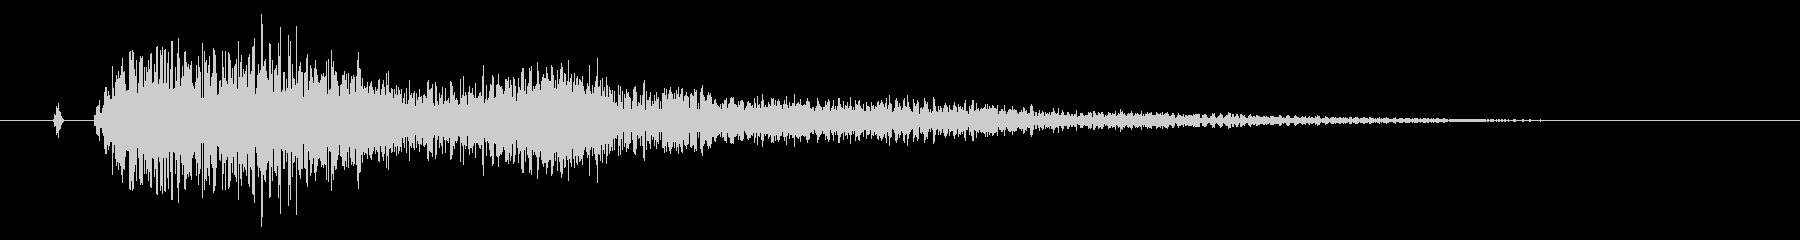 タッチ決定クリック、決定、サウンドロゴ!の未再生の波形